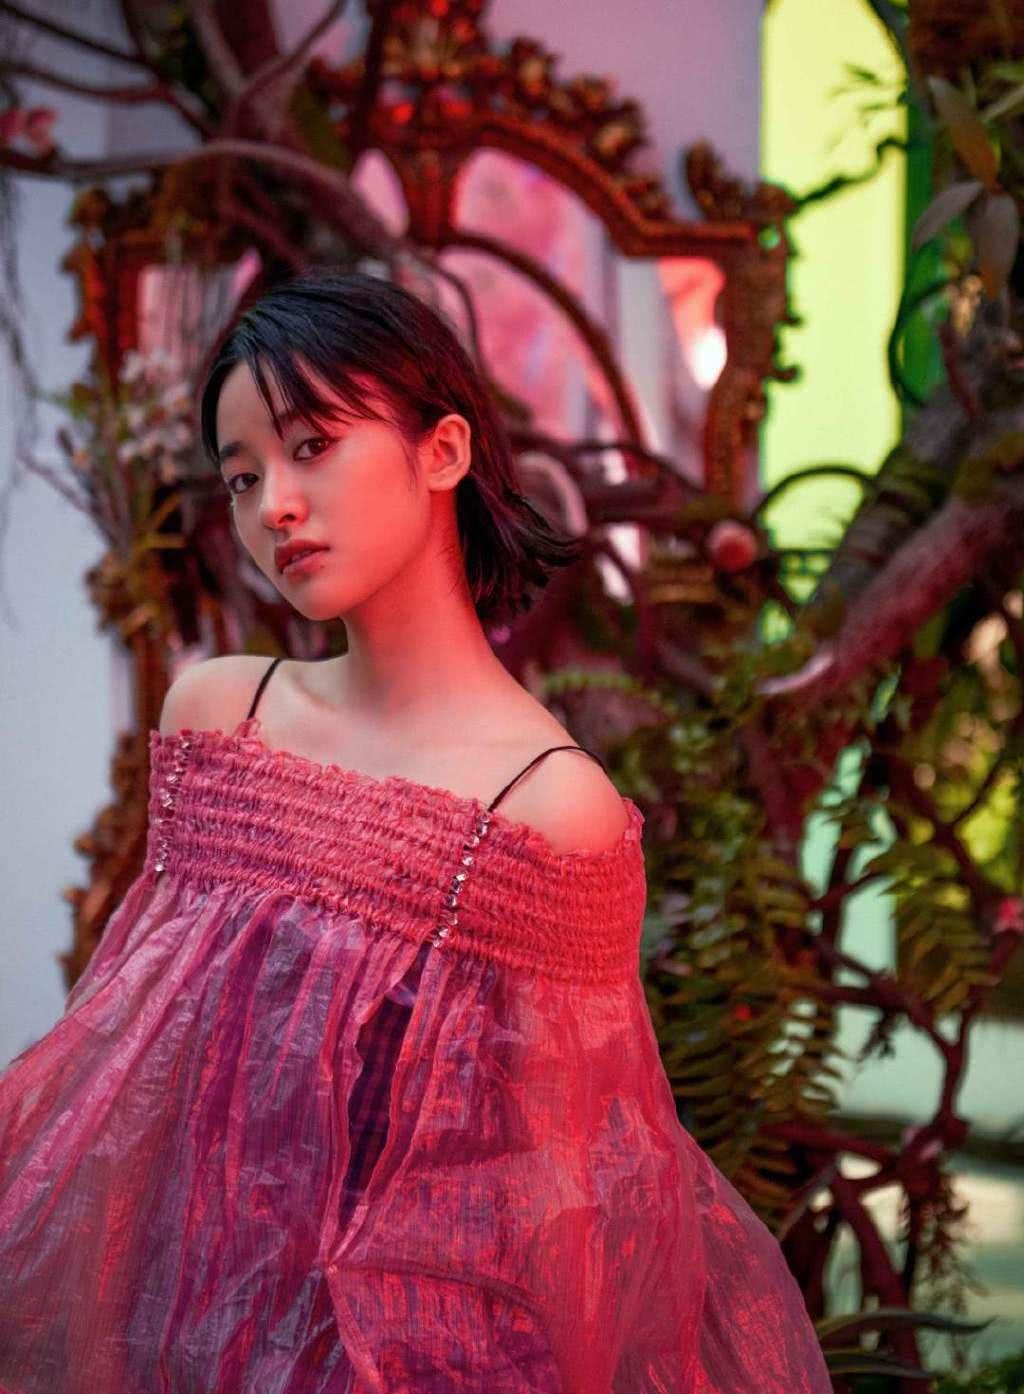 沈月真好看,红色塑料罩衫配格子吊带裙,肩膀虽壮却难挡精灵气质